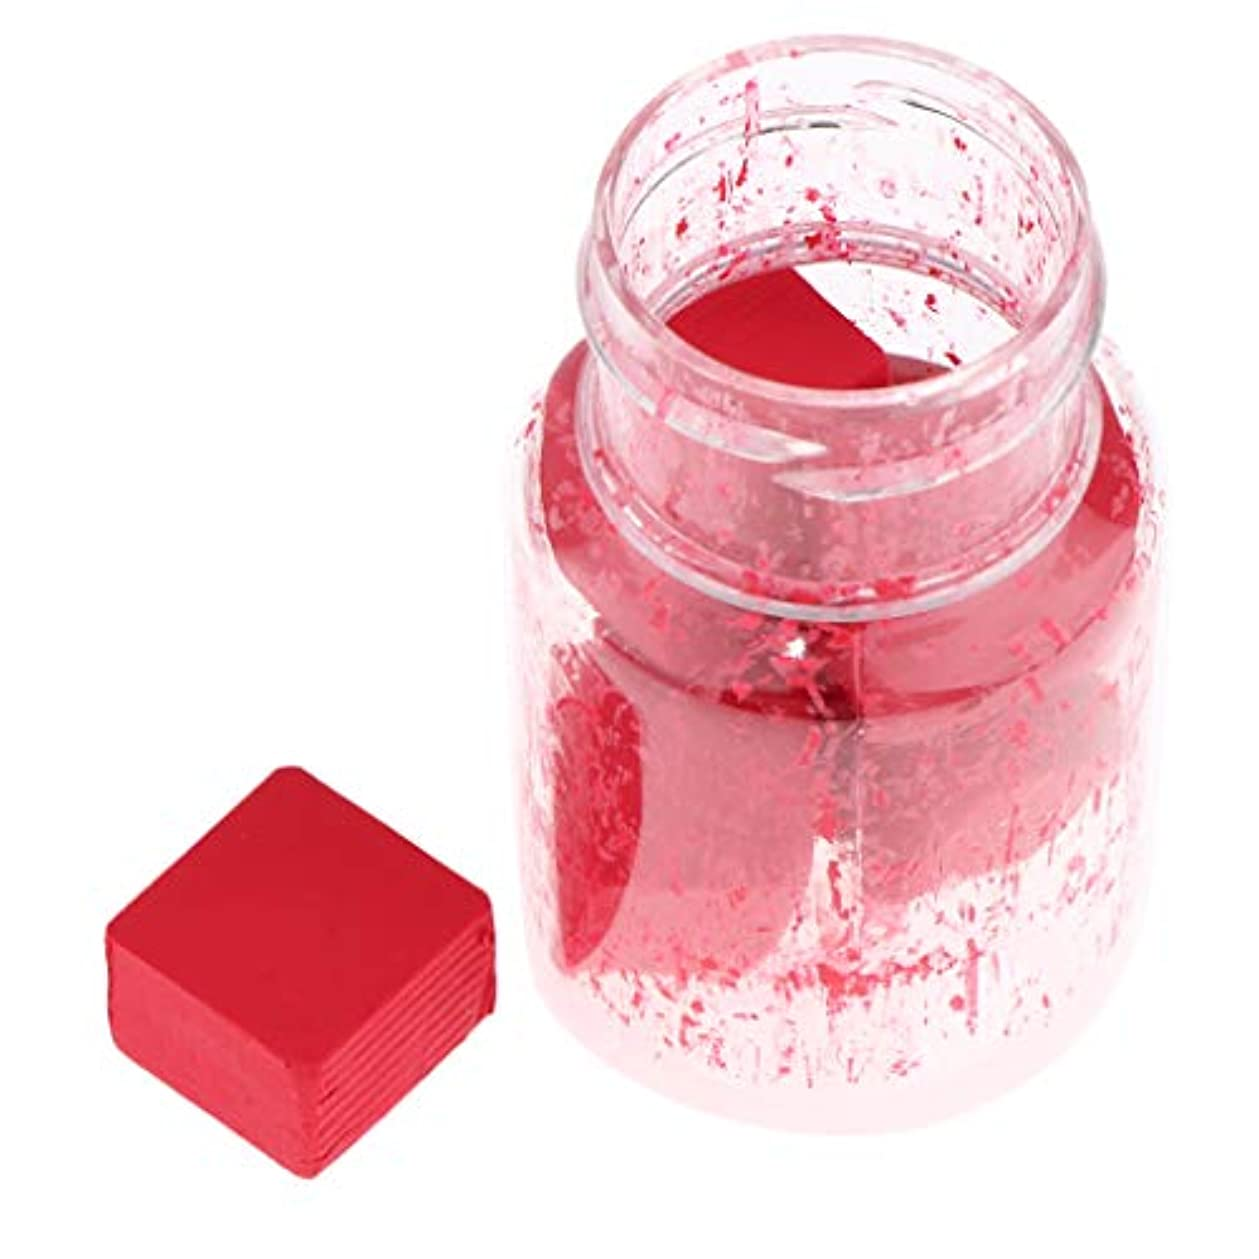 ファブリック類人猿指定DIY 口紅作り リップスティック材料 リップライナー顔料 2g DIY化粧品 9色選択でき - B